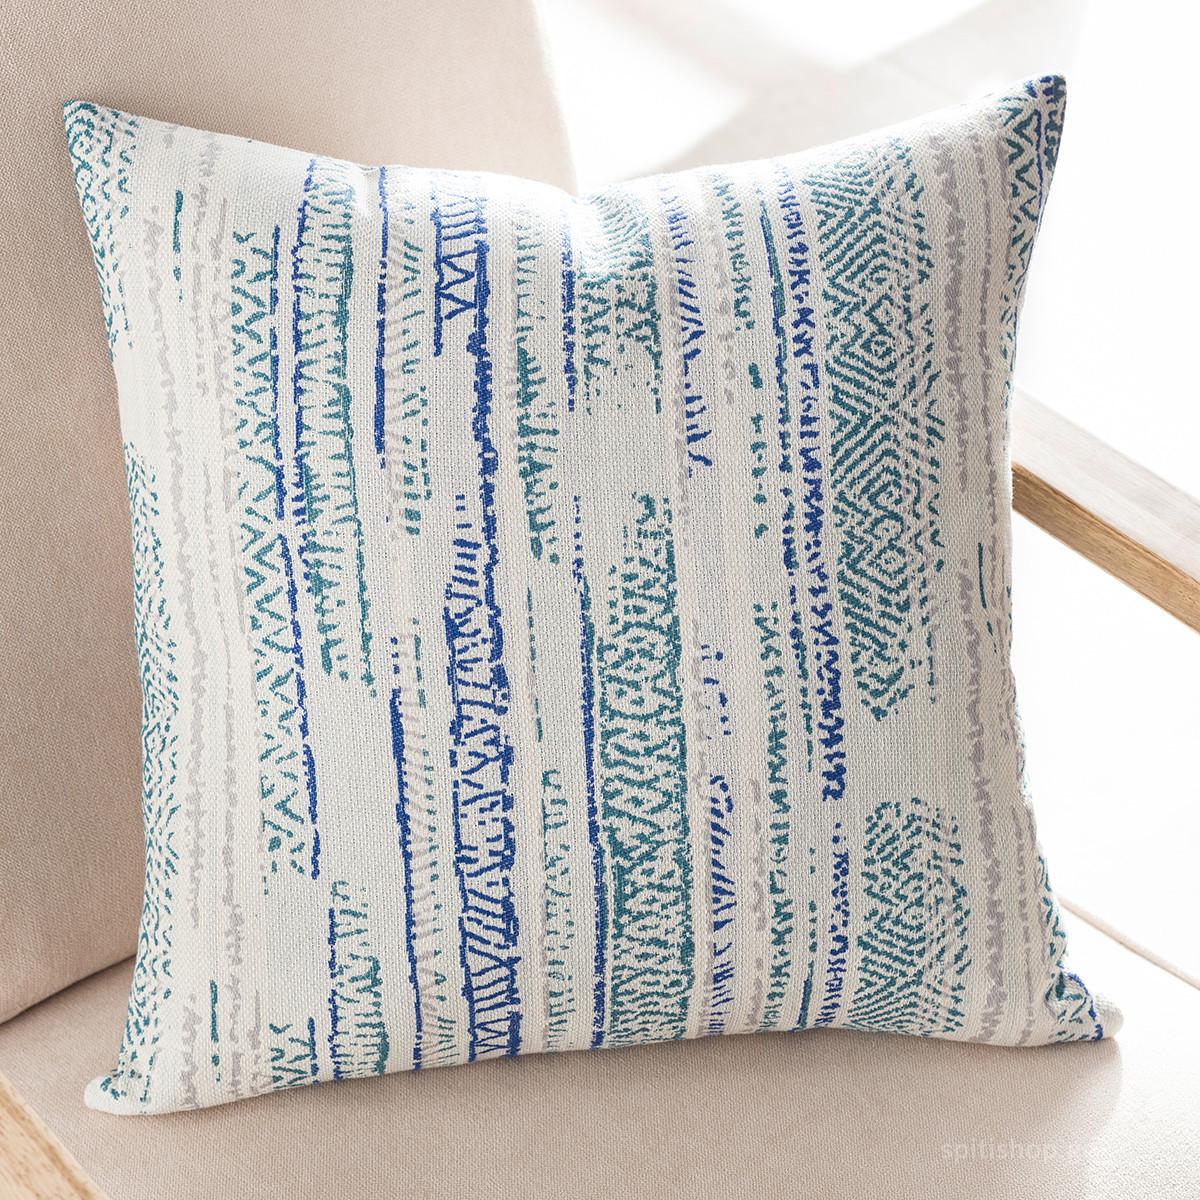 Διακοσμητική Μαξιλαροθήκη (50×50) Gofis Home Flair Blue 857/01